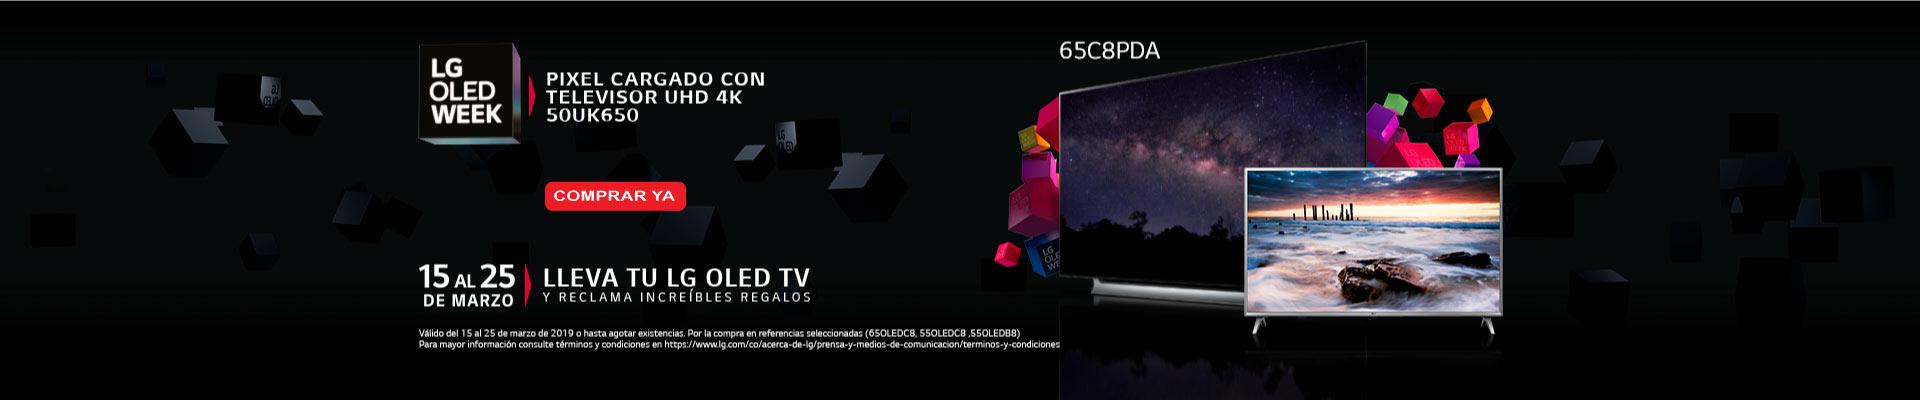 BP ALKP TV-LG-OLED-MARZO